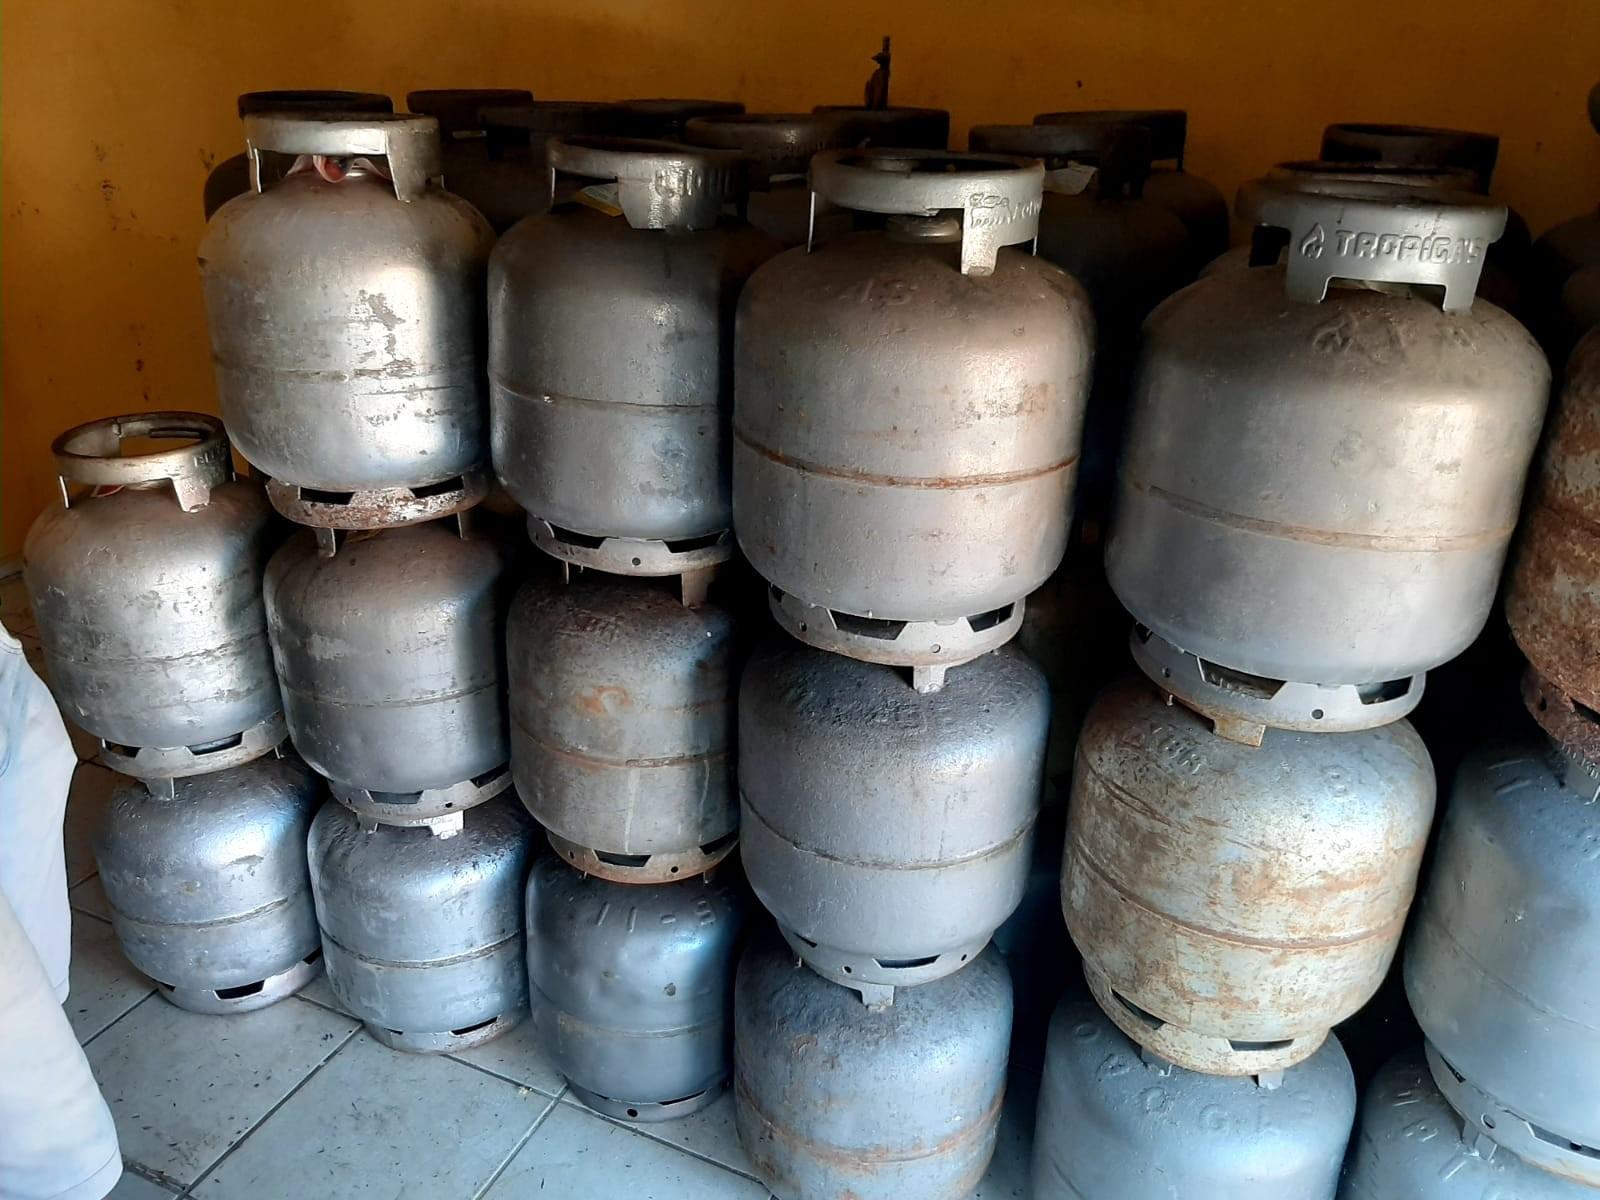 Depósitos clandestinos de gás de cozinha são fechados na Grande São Luís e no interior do Maranhão